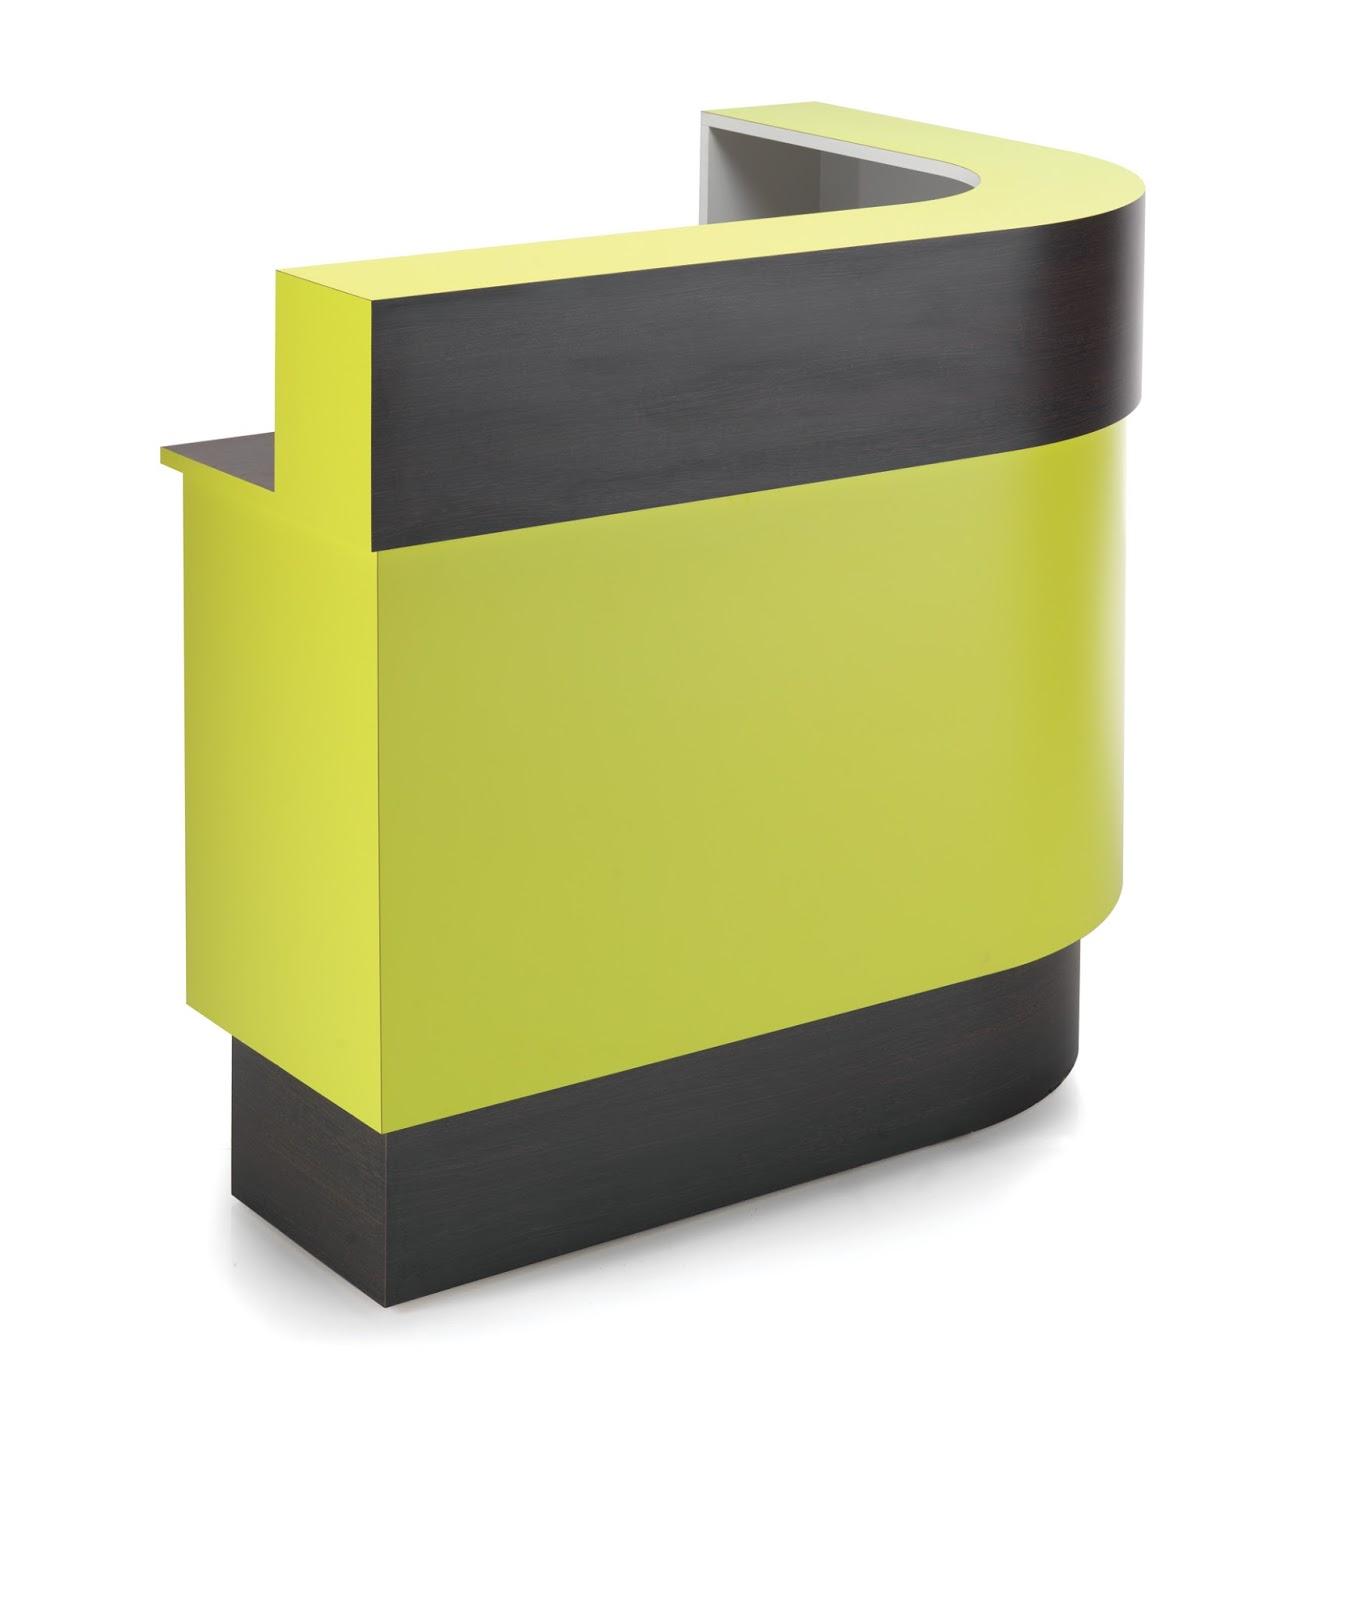 interior design specialist meja kasir november 2015. Black Bedroom Furniture Sets. Home Design Ideas